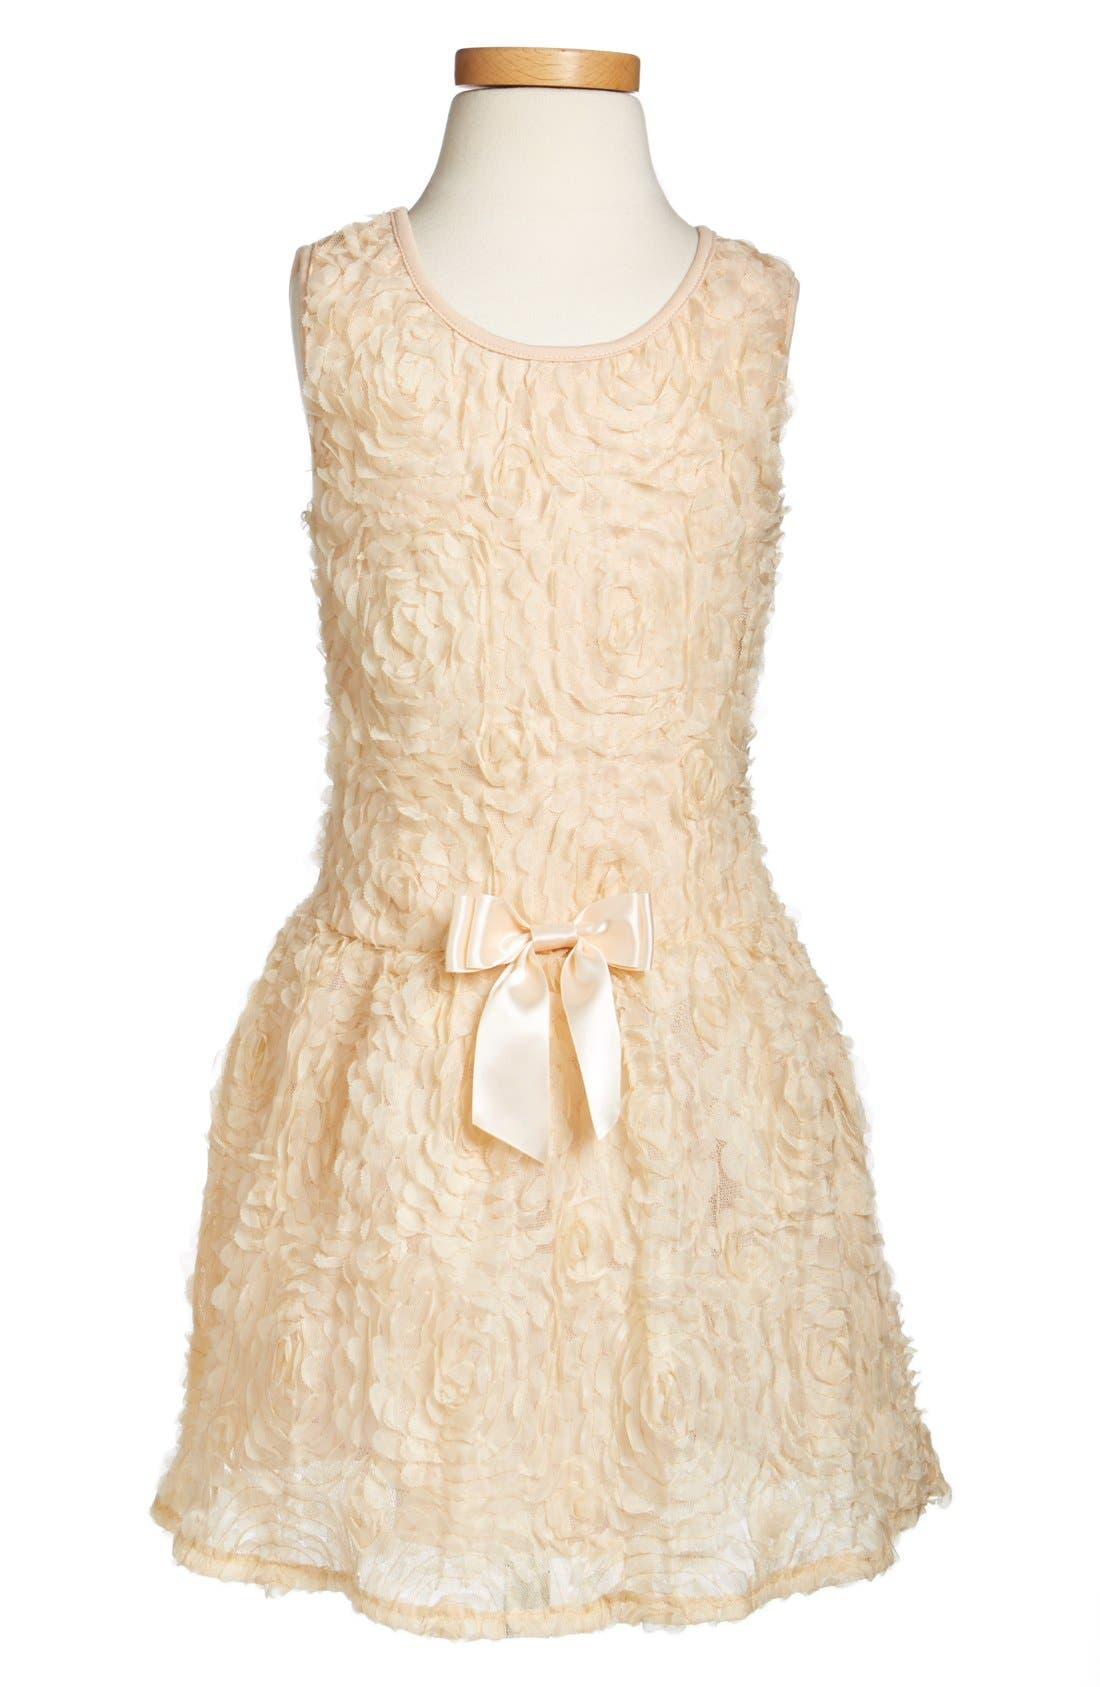 Alternate Image 1 Selected - Popatu Rosette Drop Waist Dress (Toddler Girls, Little Girls & Big Girls)